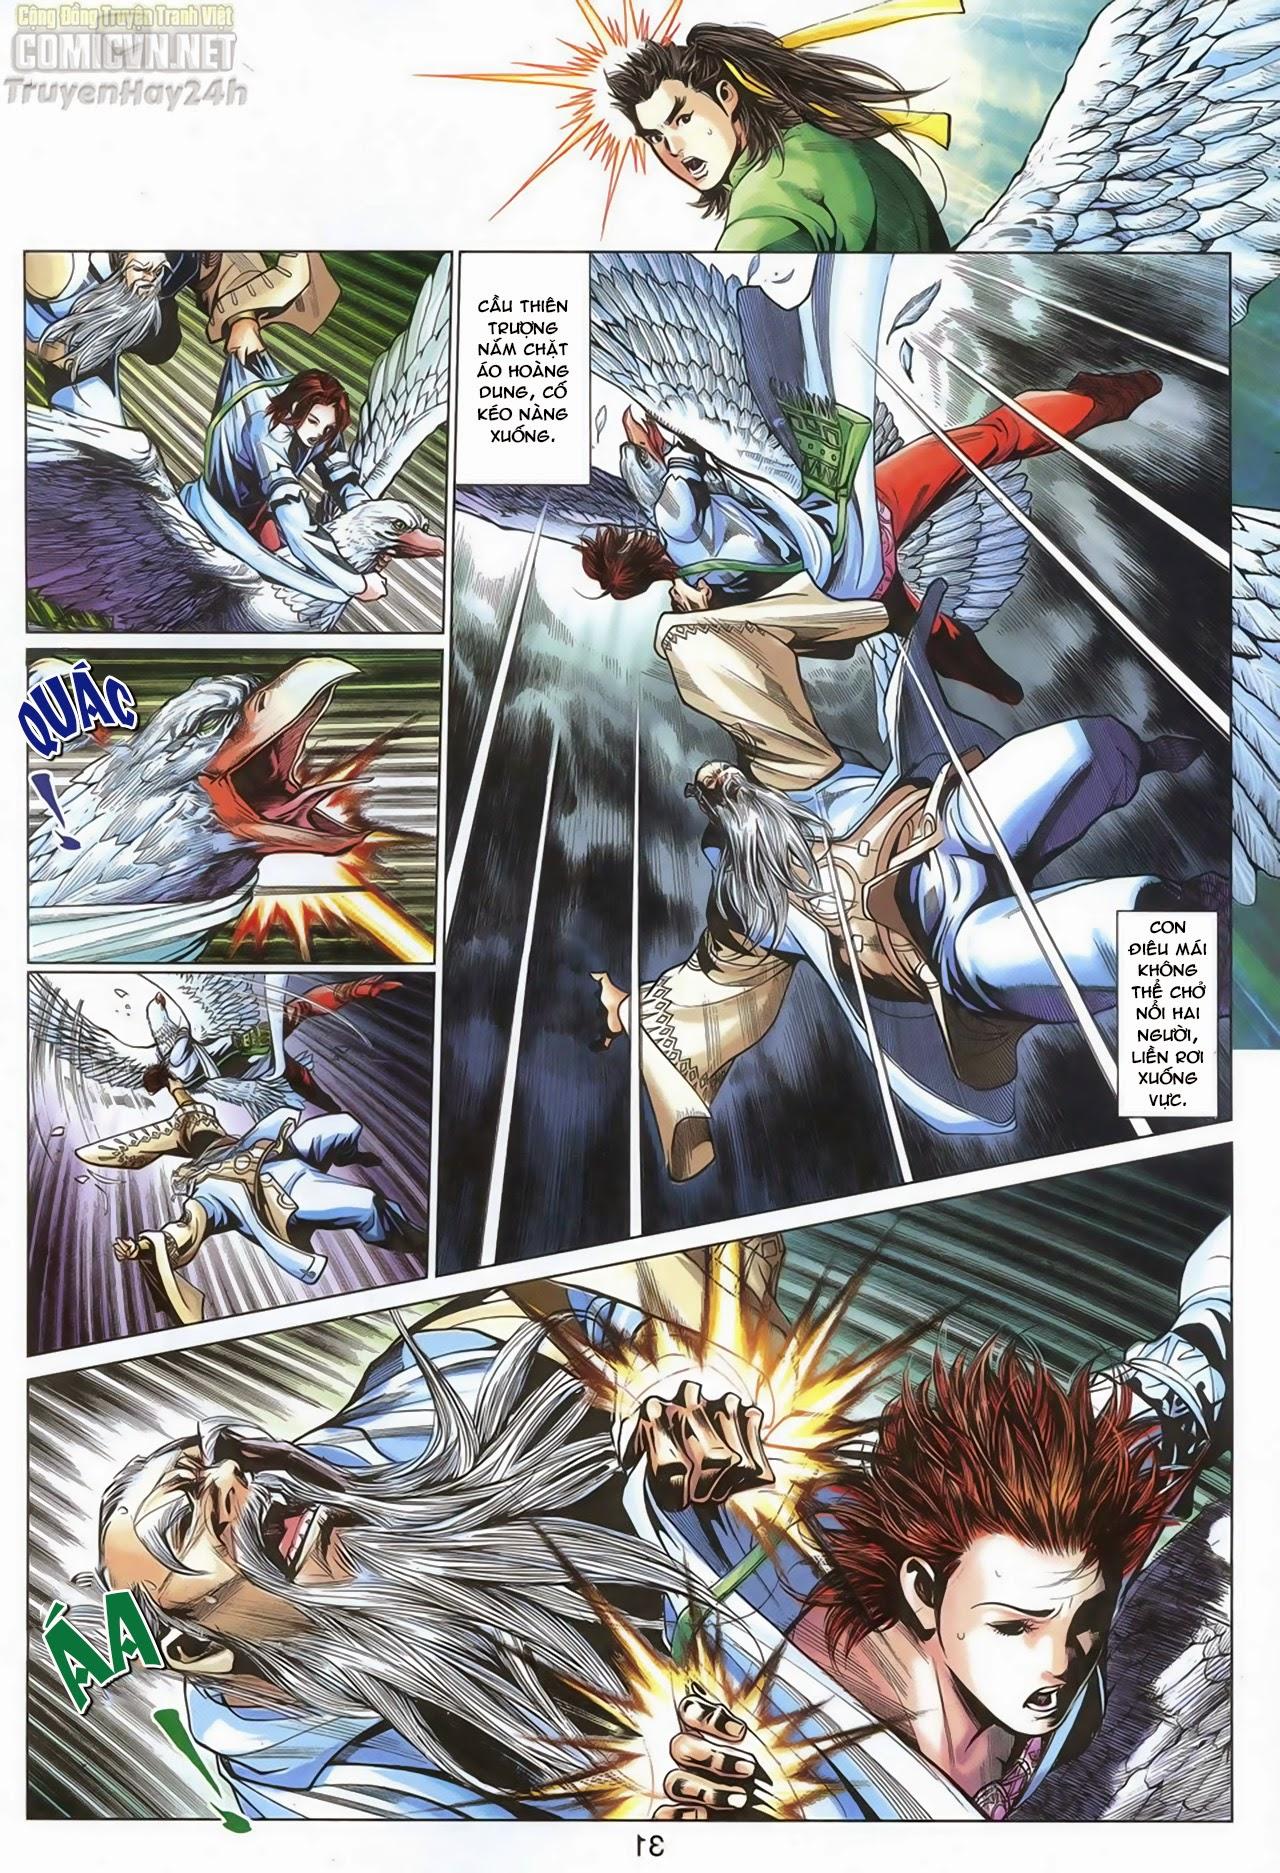 Anh Hùng Xạ Điêu anh hùng xạ đêu chap 69: hồn đoạn thiết chưởng phong trang 32